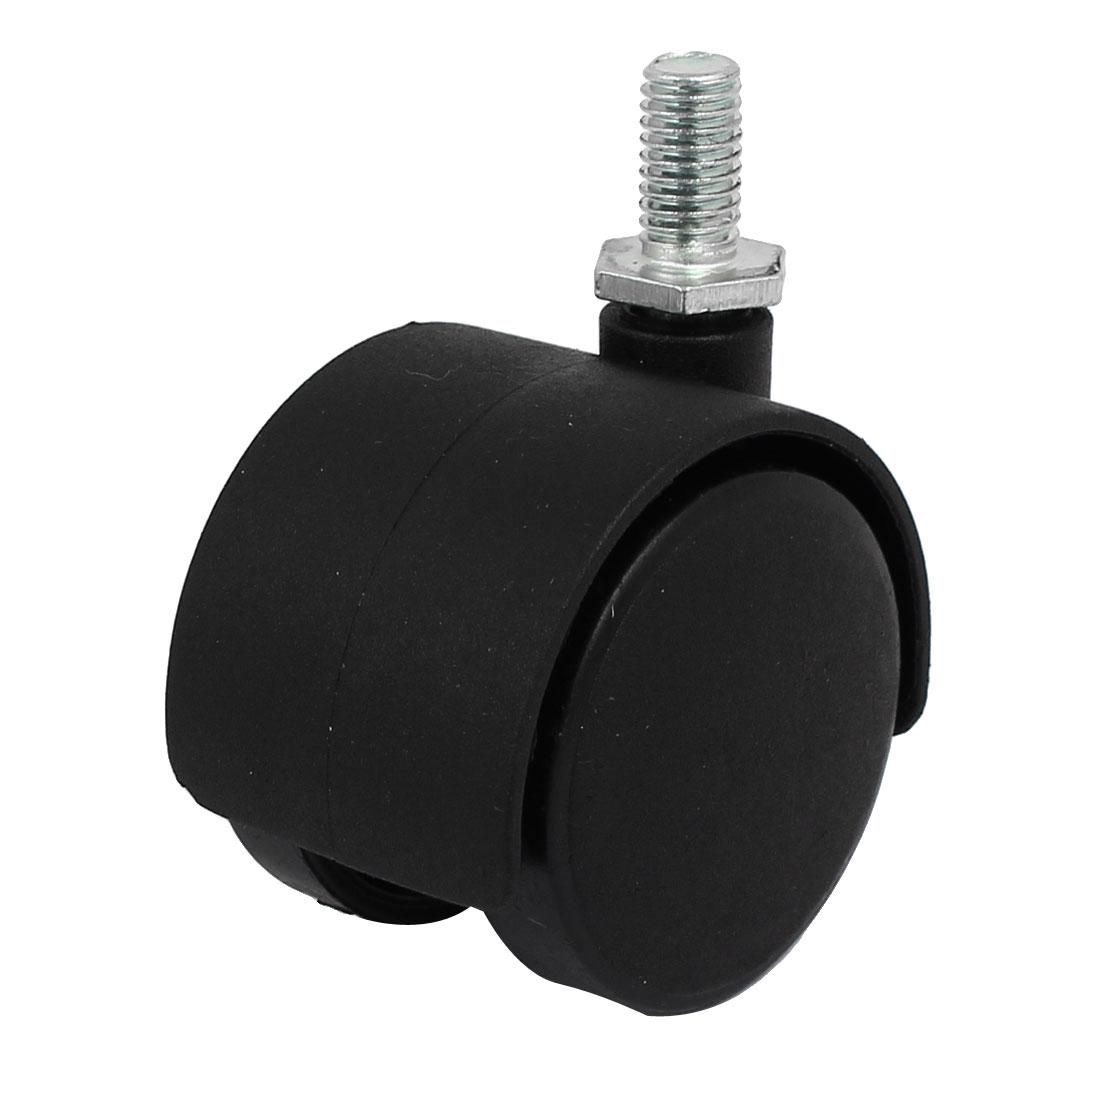 """8mm x 15mm Threaded Stem 1.5"""" Wheel Dia Swivel Non-Brake Caster for Chair"""